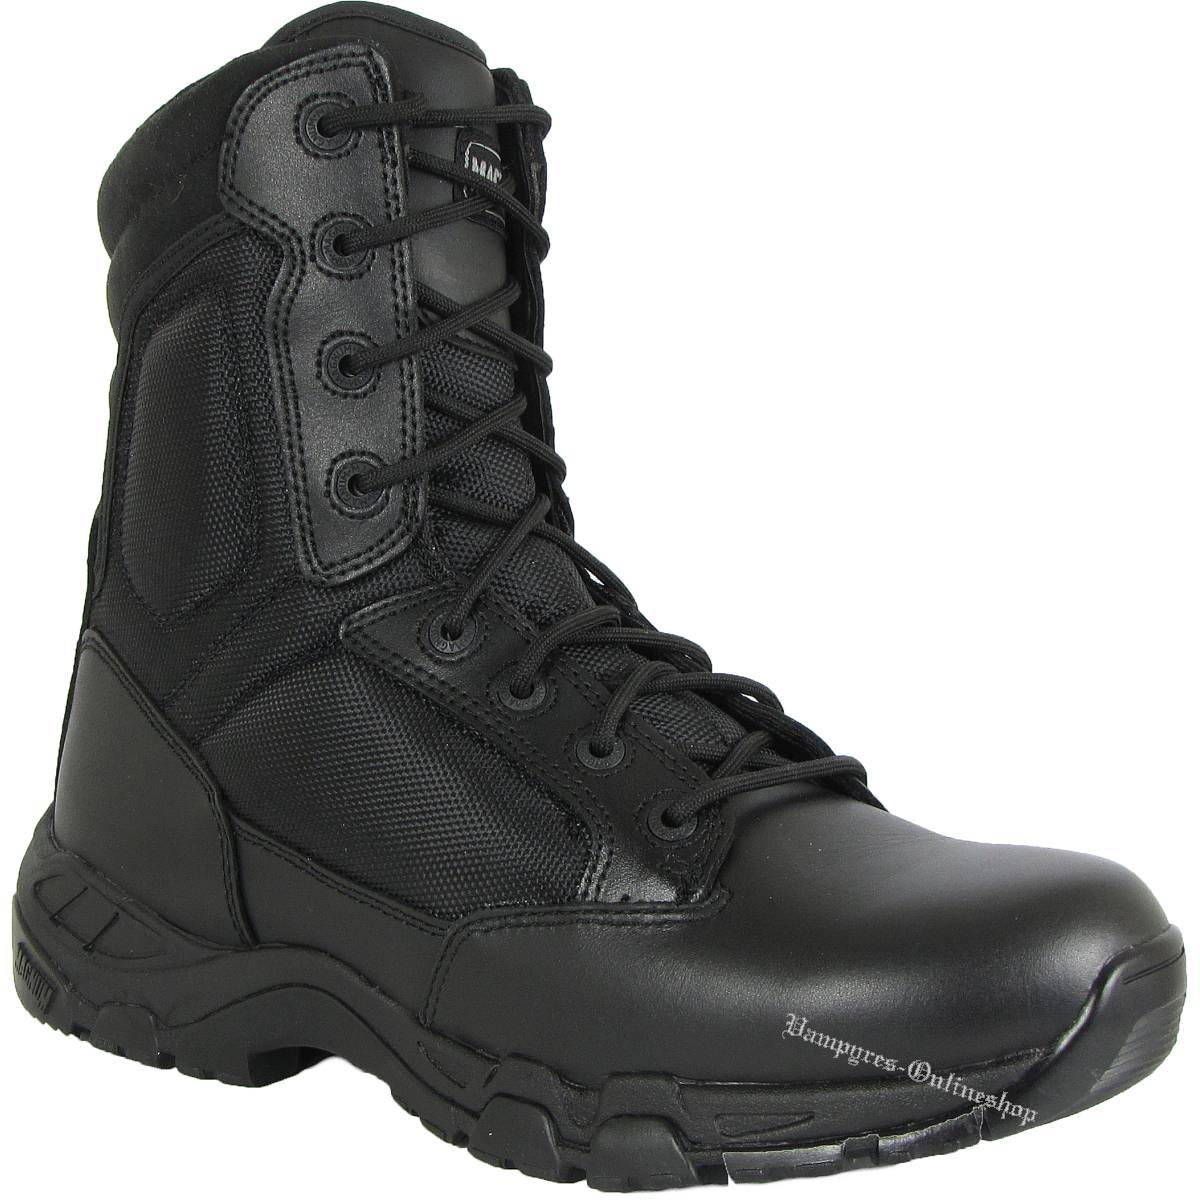 Magnum (Hi-Tec) Viper Pro 8.0 SZ Side-Zip Schwarz Schuhe Boots